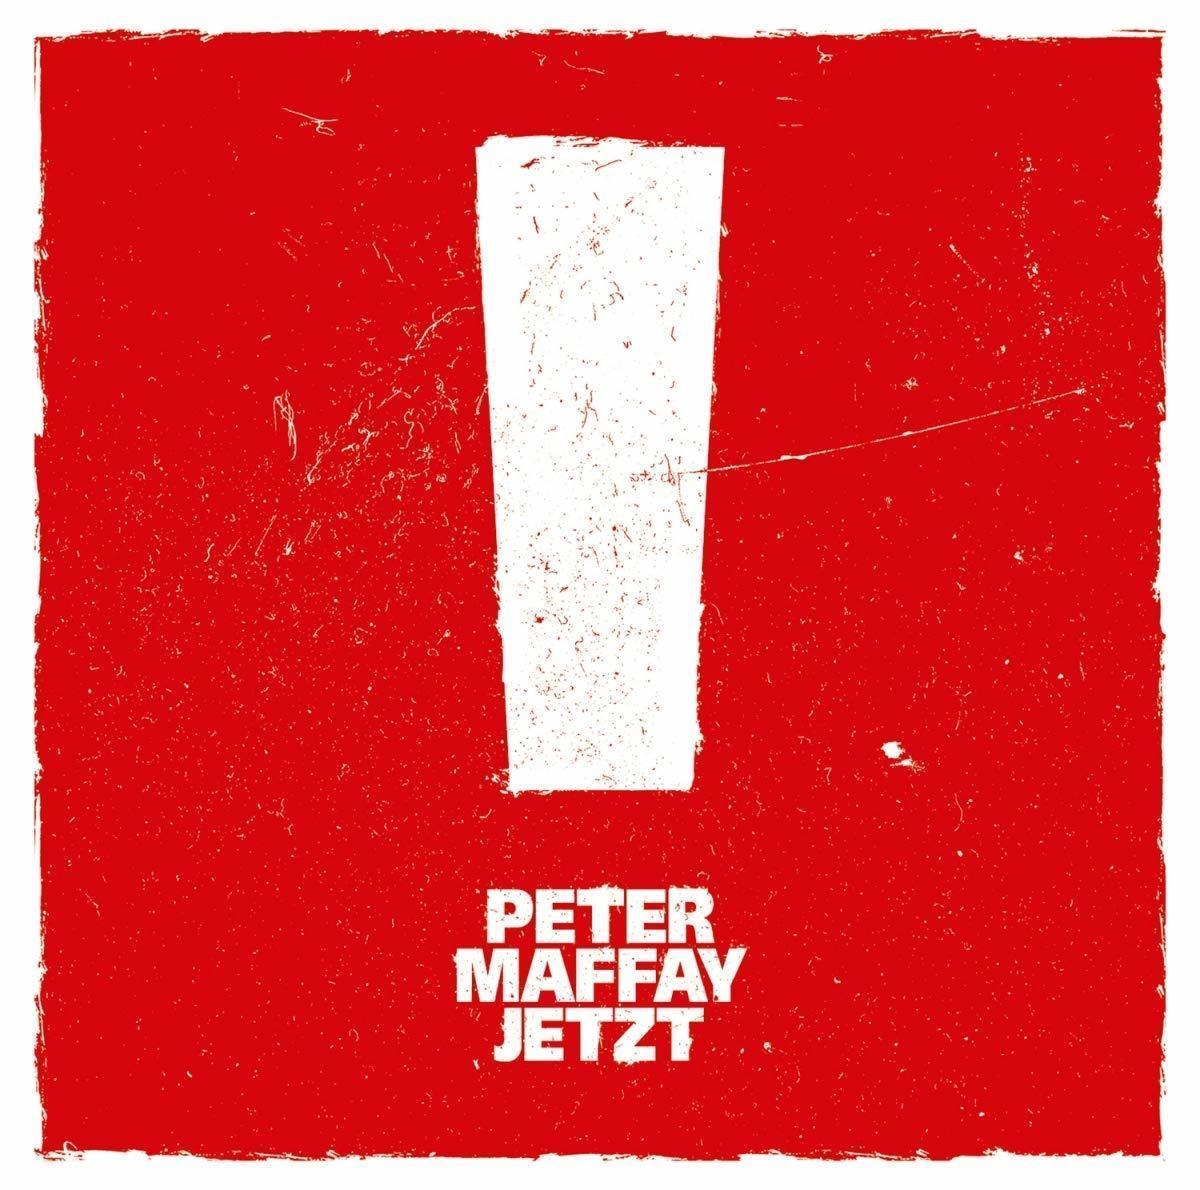 Jetzt! (Peter Maffay) für 12,99 Euro